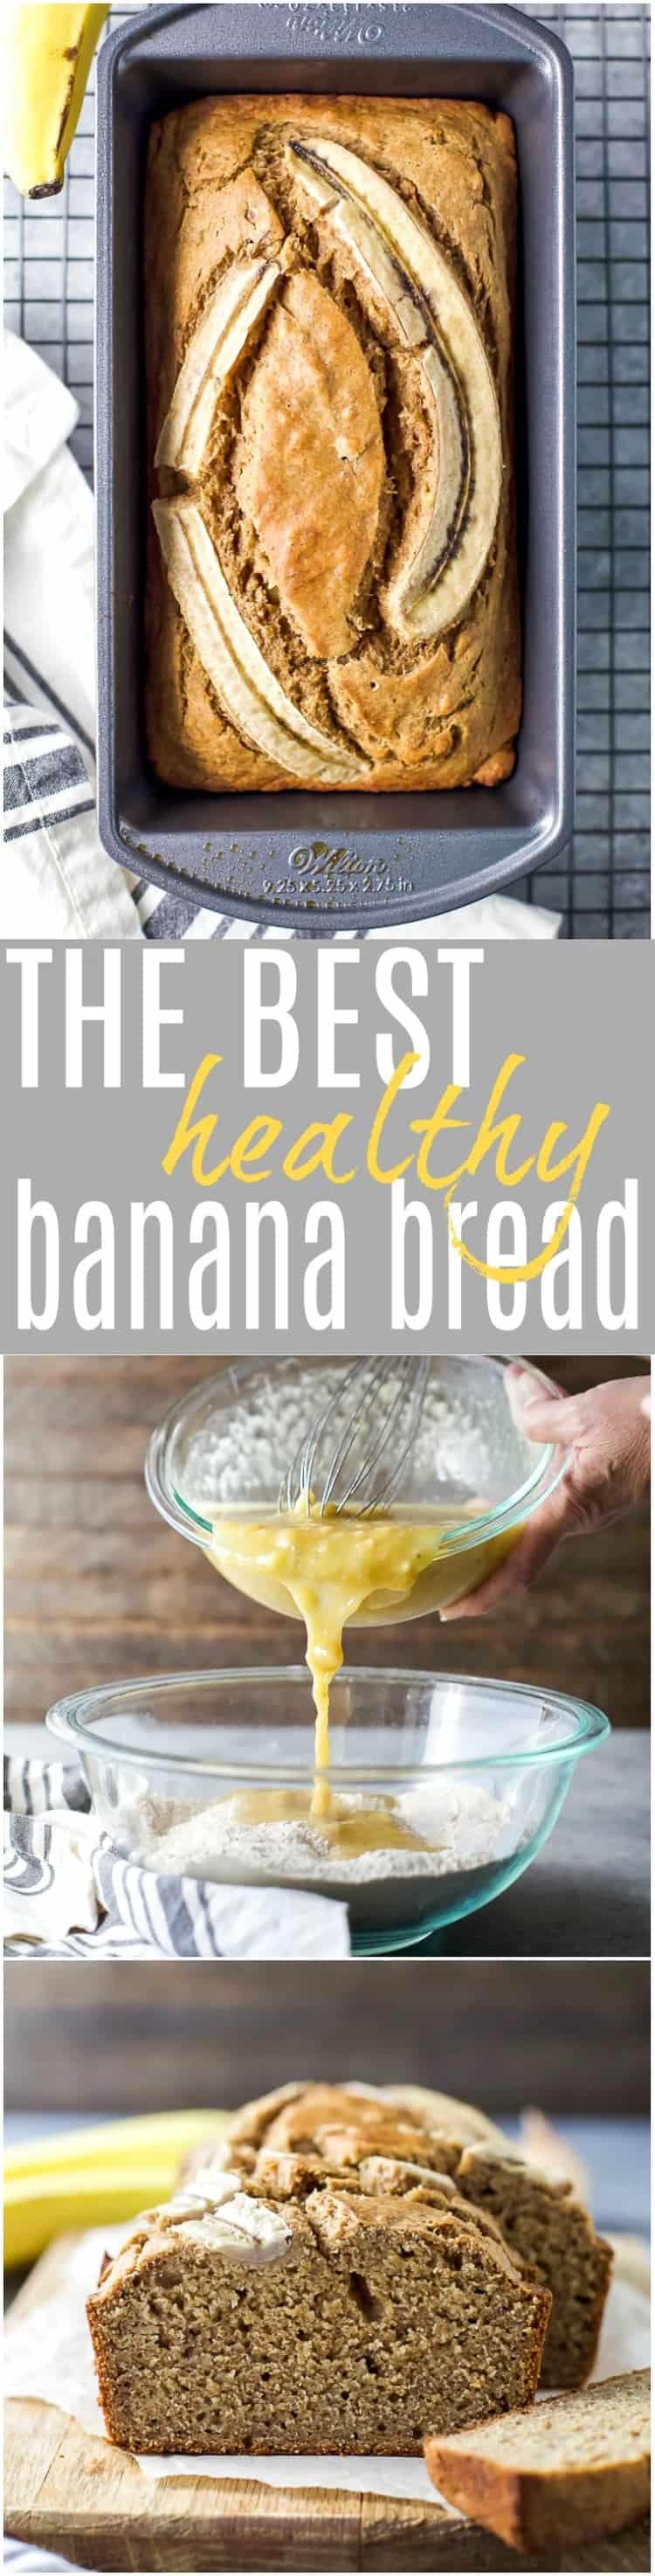 Healthy Banana Bread Recipe | Easy & Delicious Banana Bread!